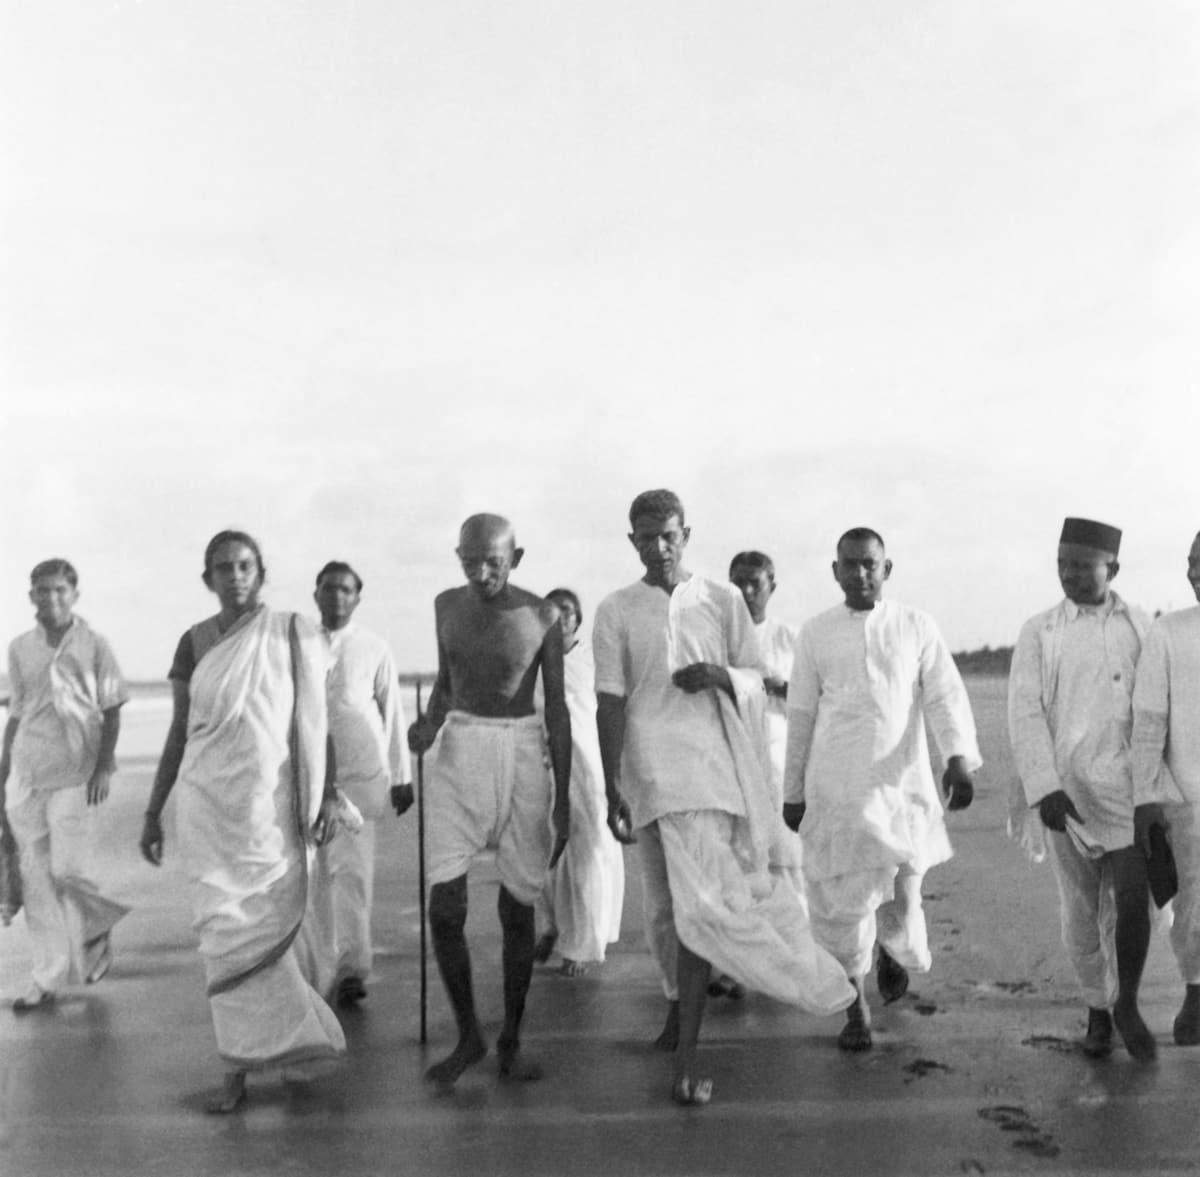 Gandhiji at Dandi March